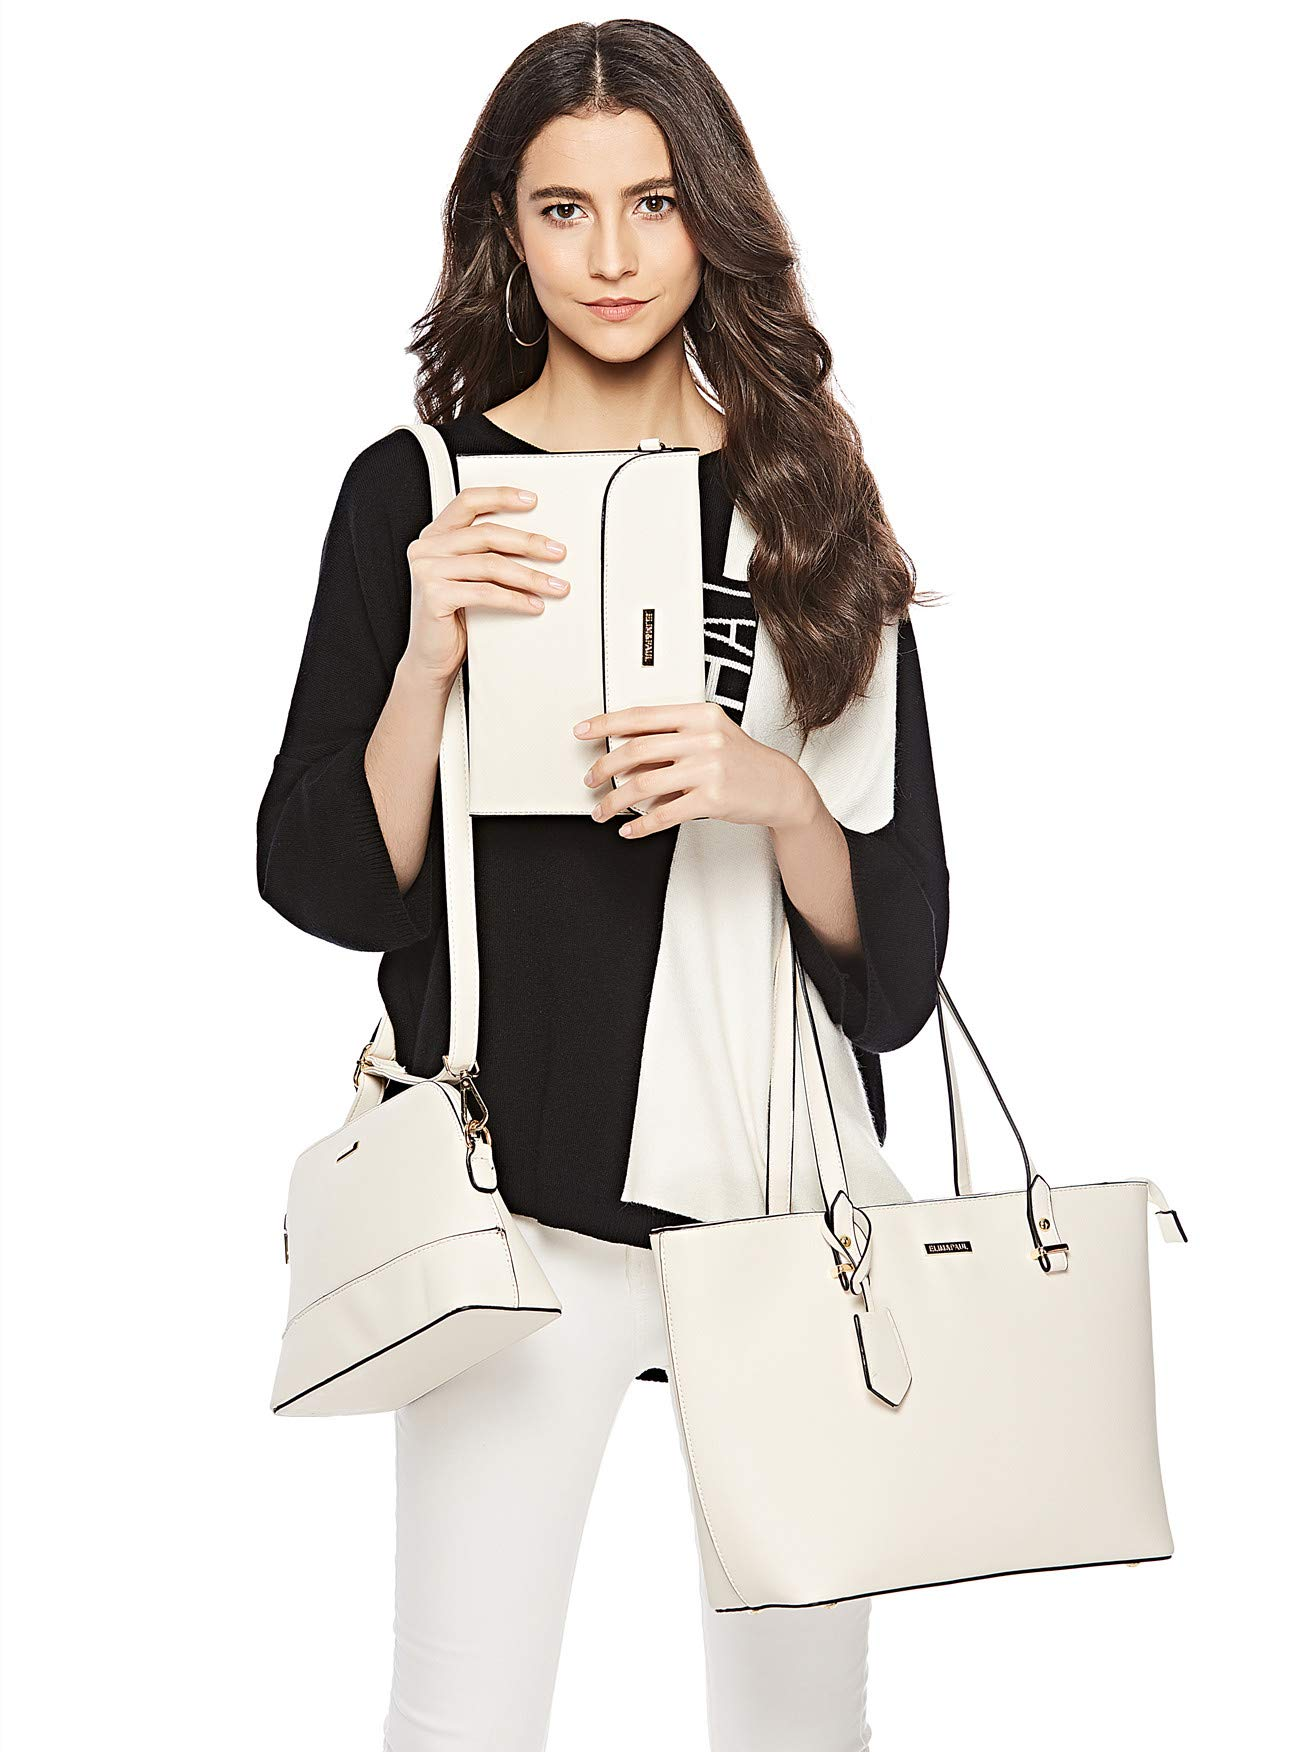 ELIMPAUL Women Fashion Handbags Tote Bag Shoulder Bag Top Handle Satchel Purse Set 4pcs (Black-3) by ELIMPAUL (Image #7)